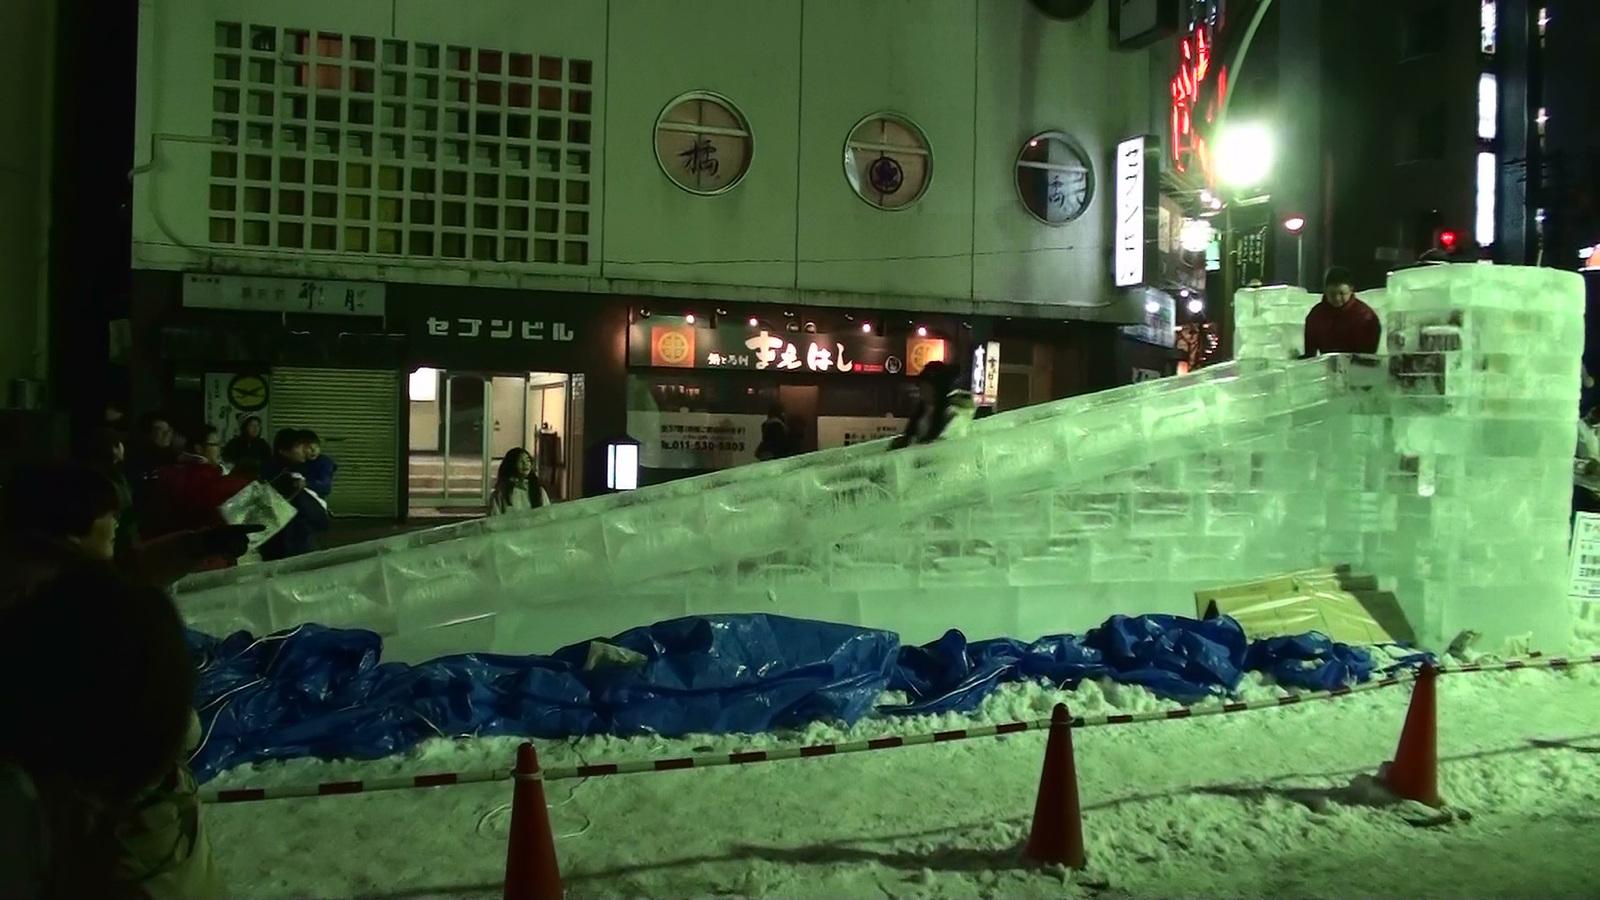 Snowfes2011_12